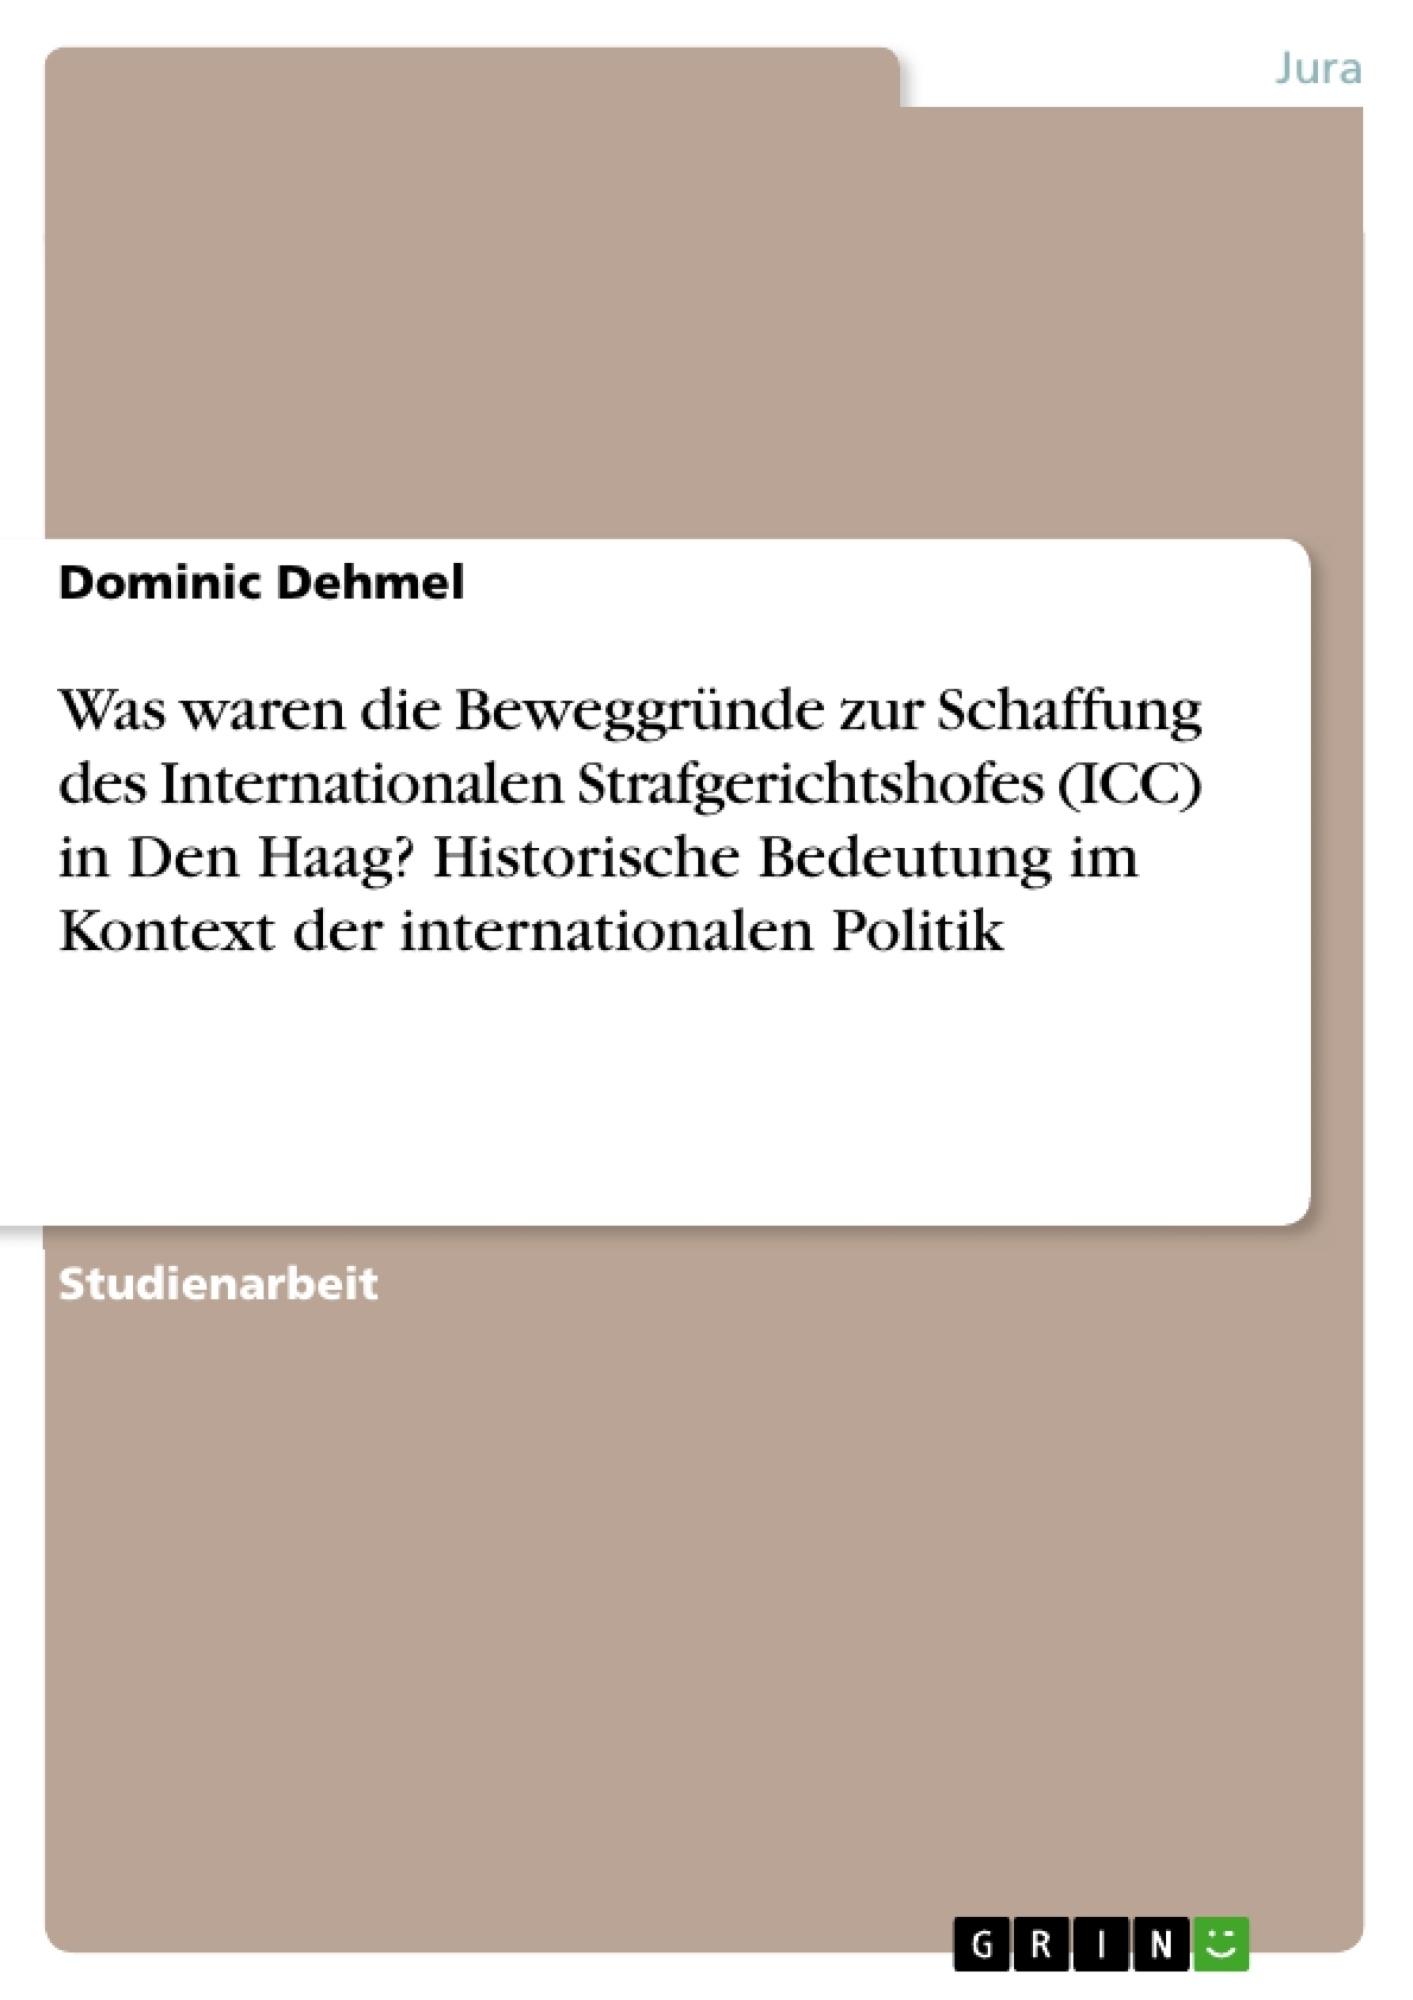 Titel: Was waren die Beweggründe zur Schaffung des Internationalen Strafgerichtshofes (ICC) in Den Haag? Historische Bedeutung im Kontext der internationalen Politik